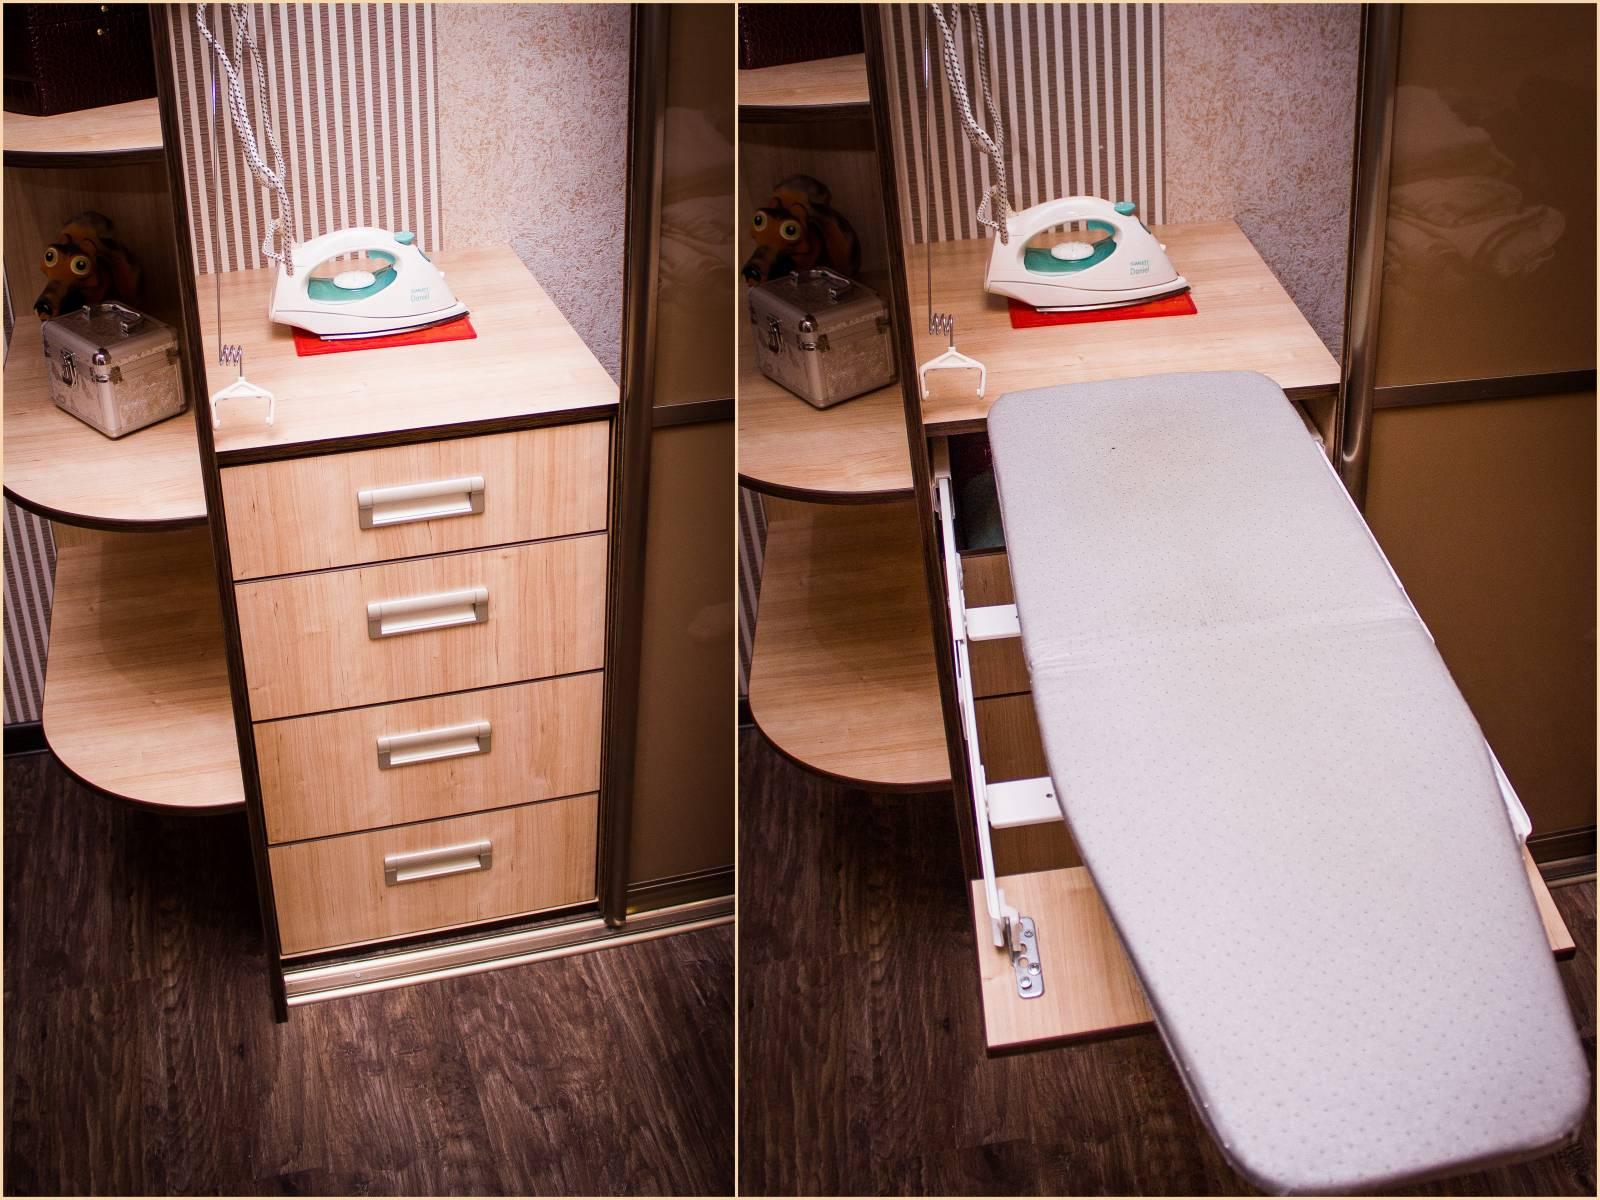 Как сделать встроенную гладильную доску в шкафу своими руками